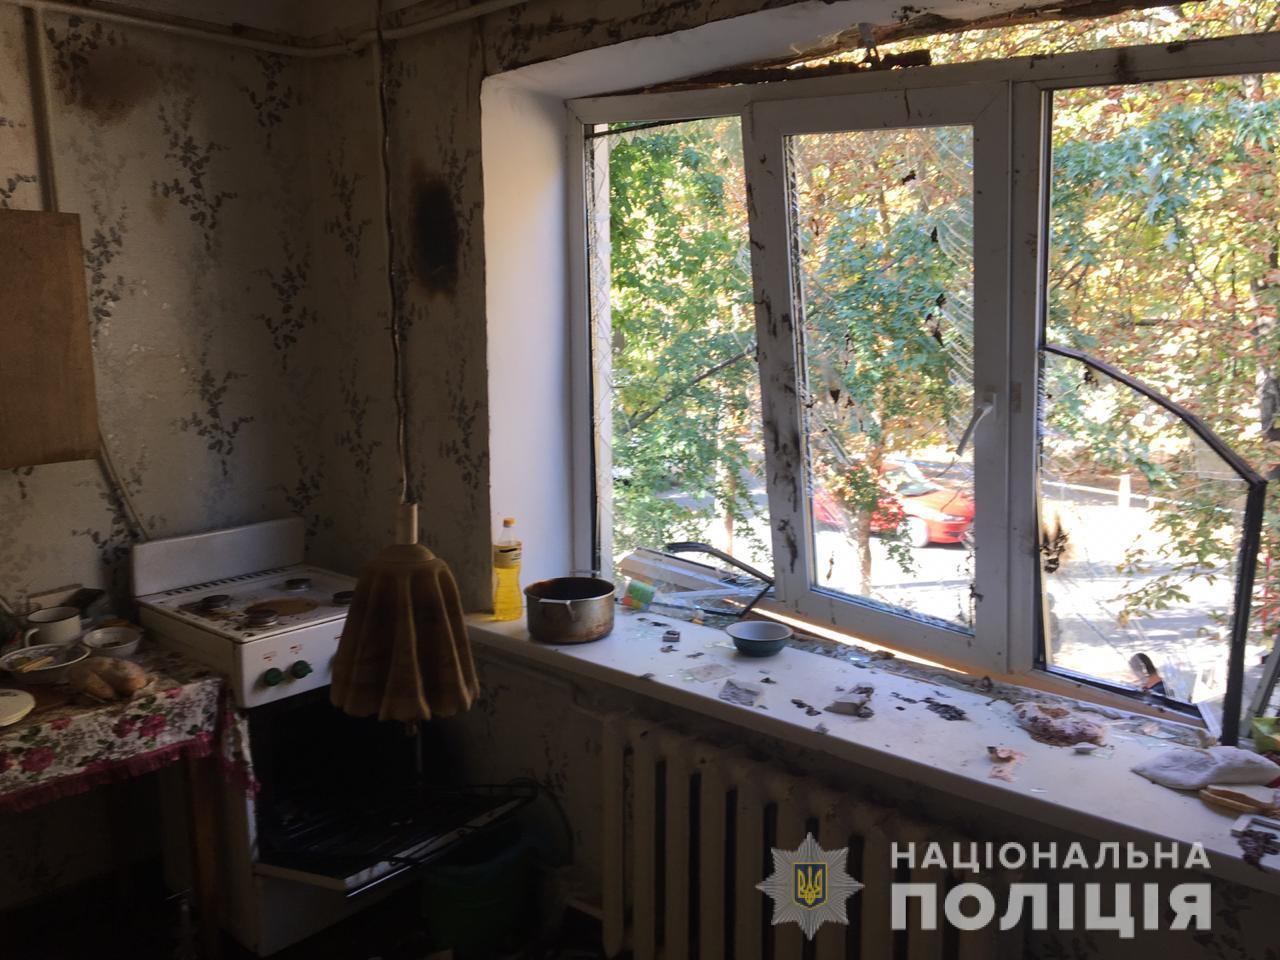 Стали відомі причини вибуху в будинку Борисполя -  - WhatsApp Image 2019 08 26 at 11.29.26